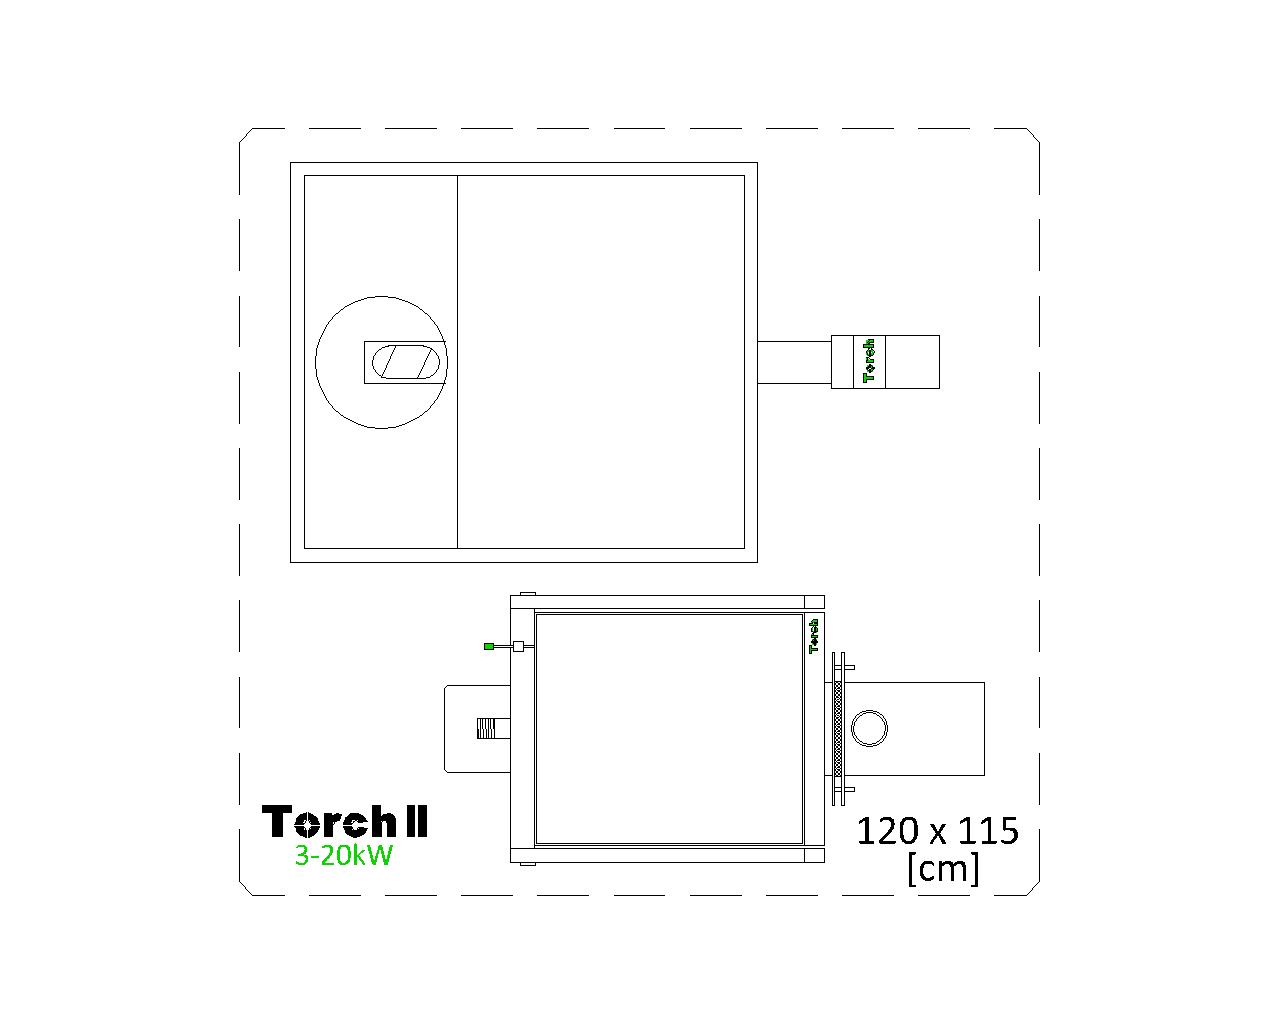 Отоплителна система на пелети Torch II 3 - 20kW с бункер 180kg - top